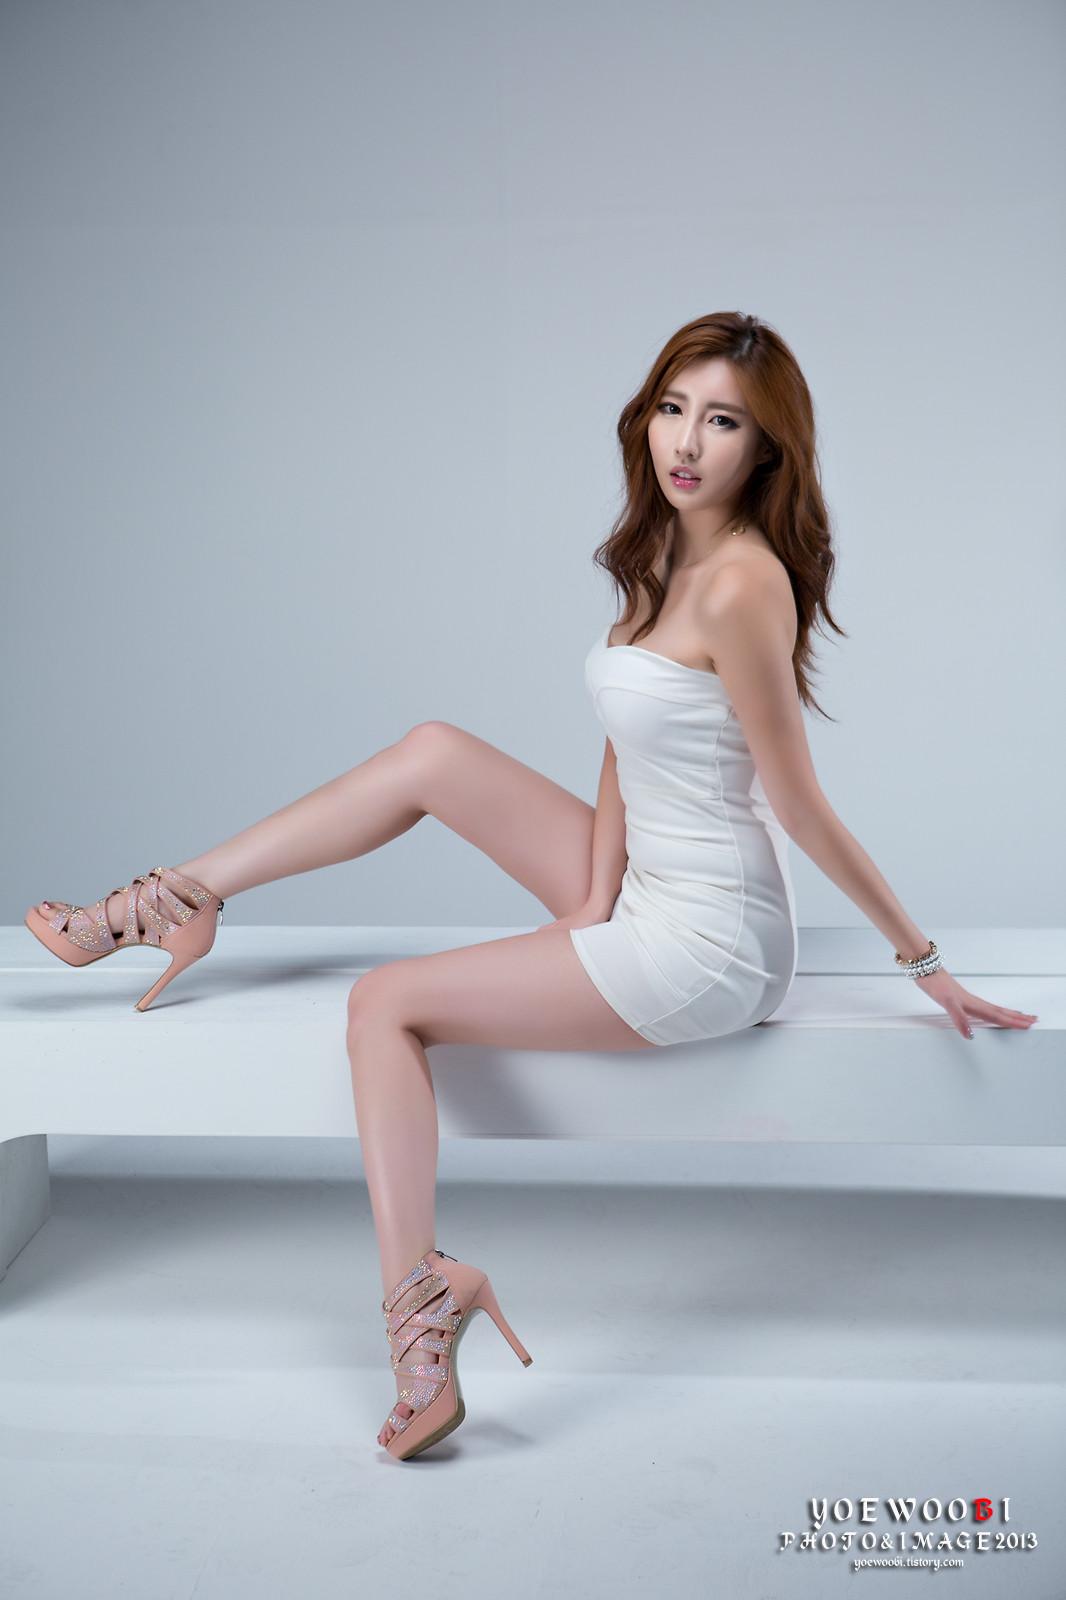 Min seo part 3 - 1 4